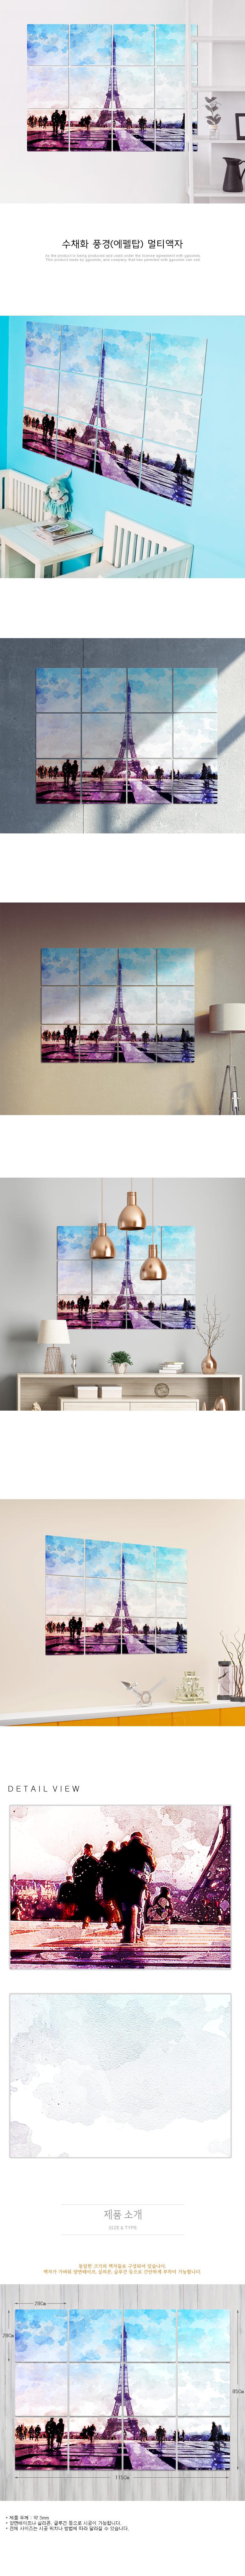 멀티액자_수채화풍경(에펠탑) - 꾸밈, 74,000원, 홈갤러리, 사진아트